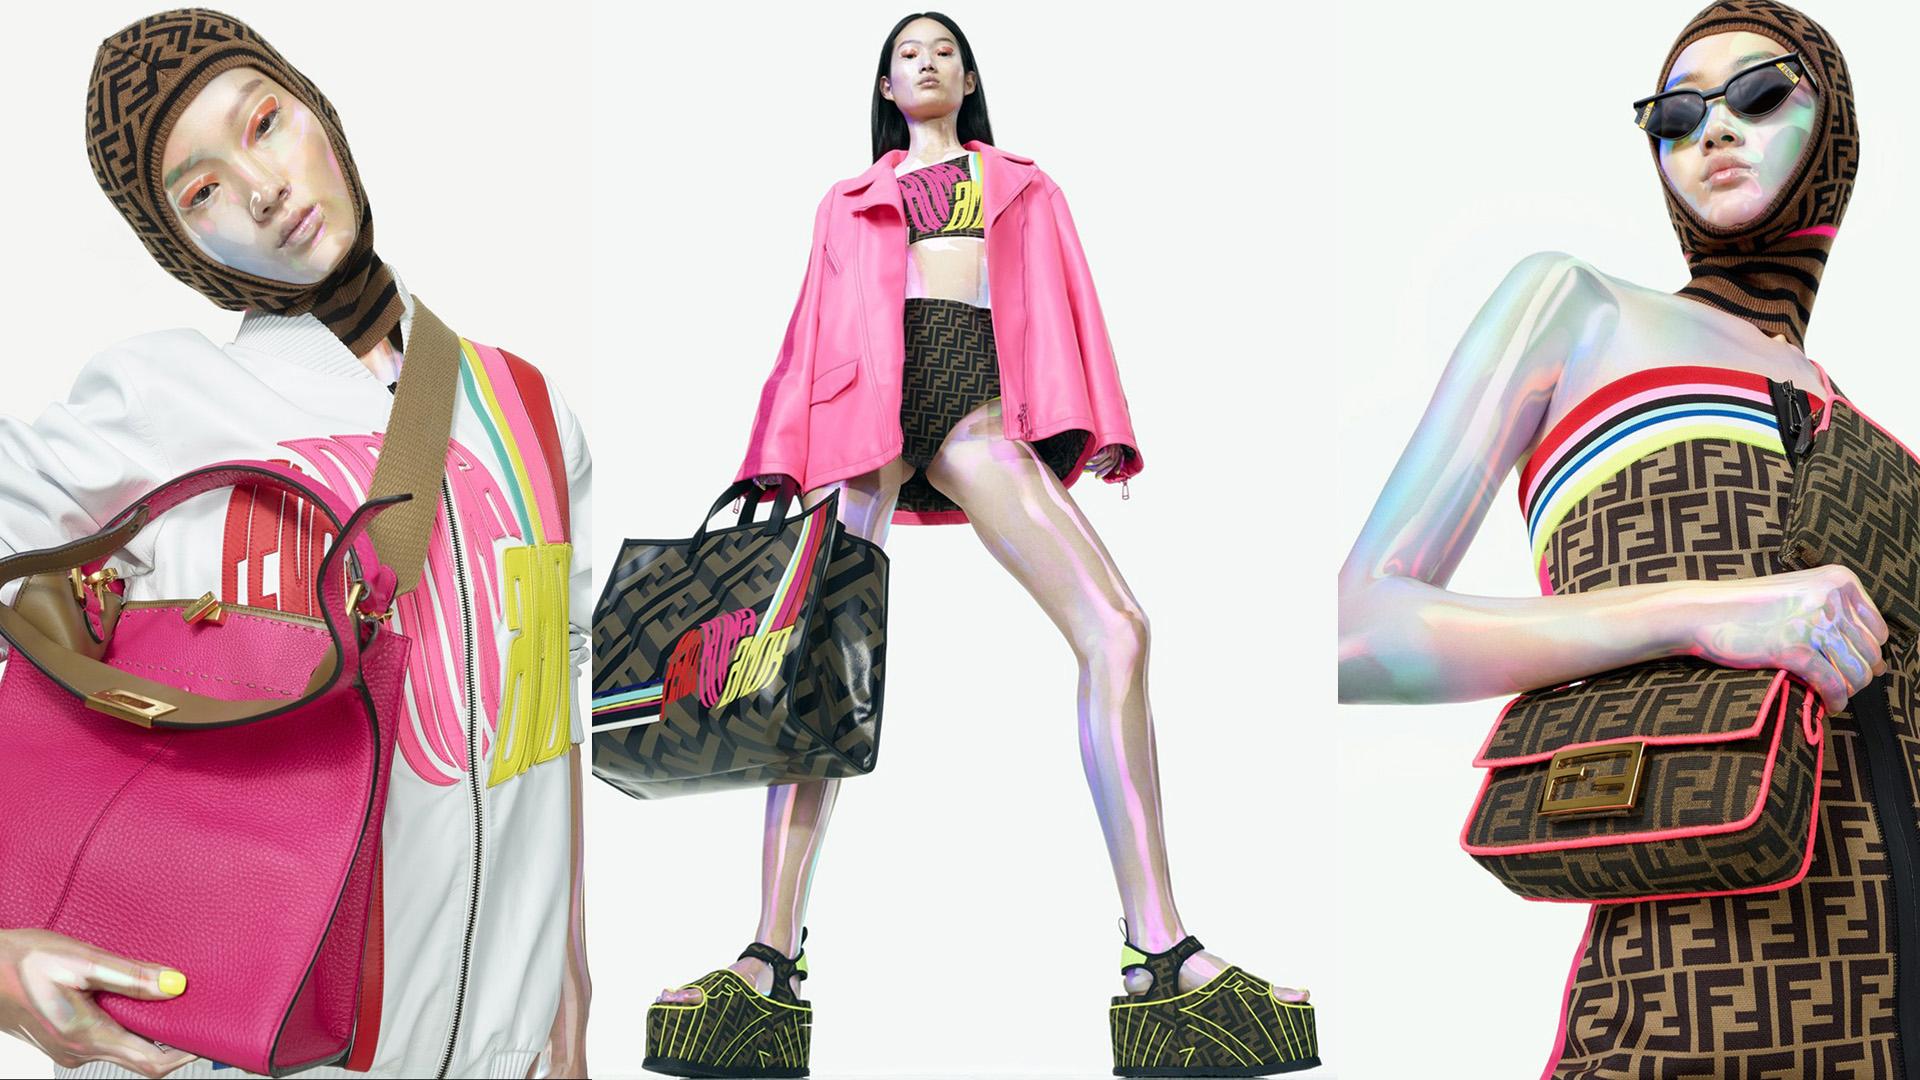 Colores neones, estética deportiva: la nueva colección cápsula de Fendi.